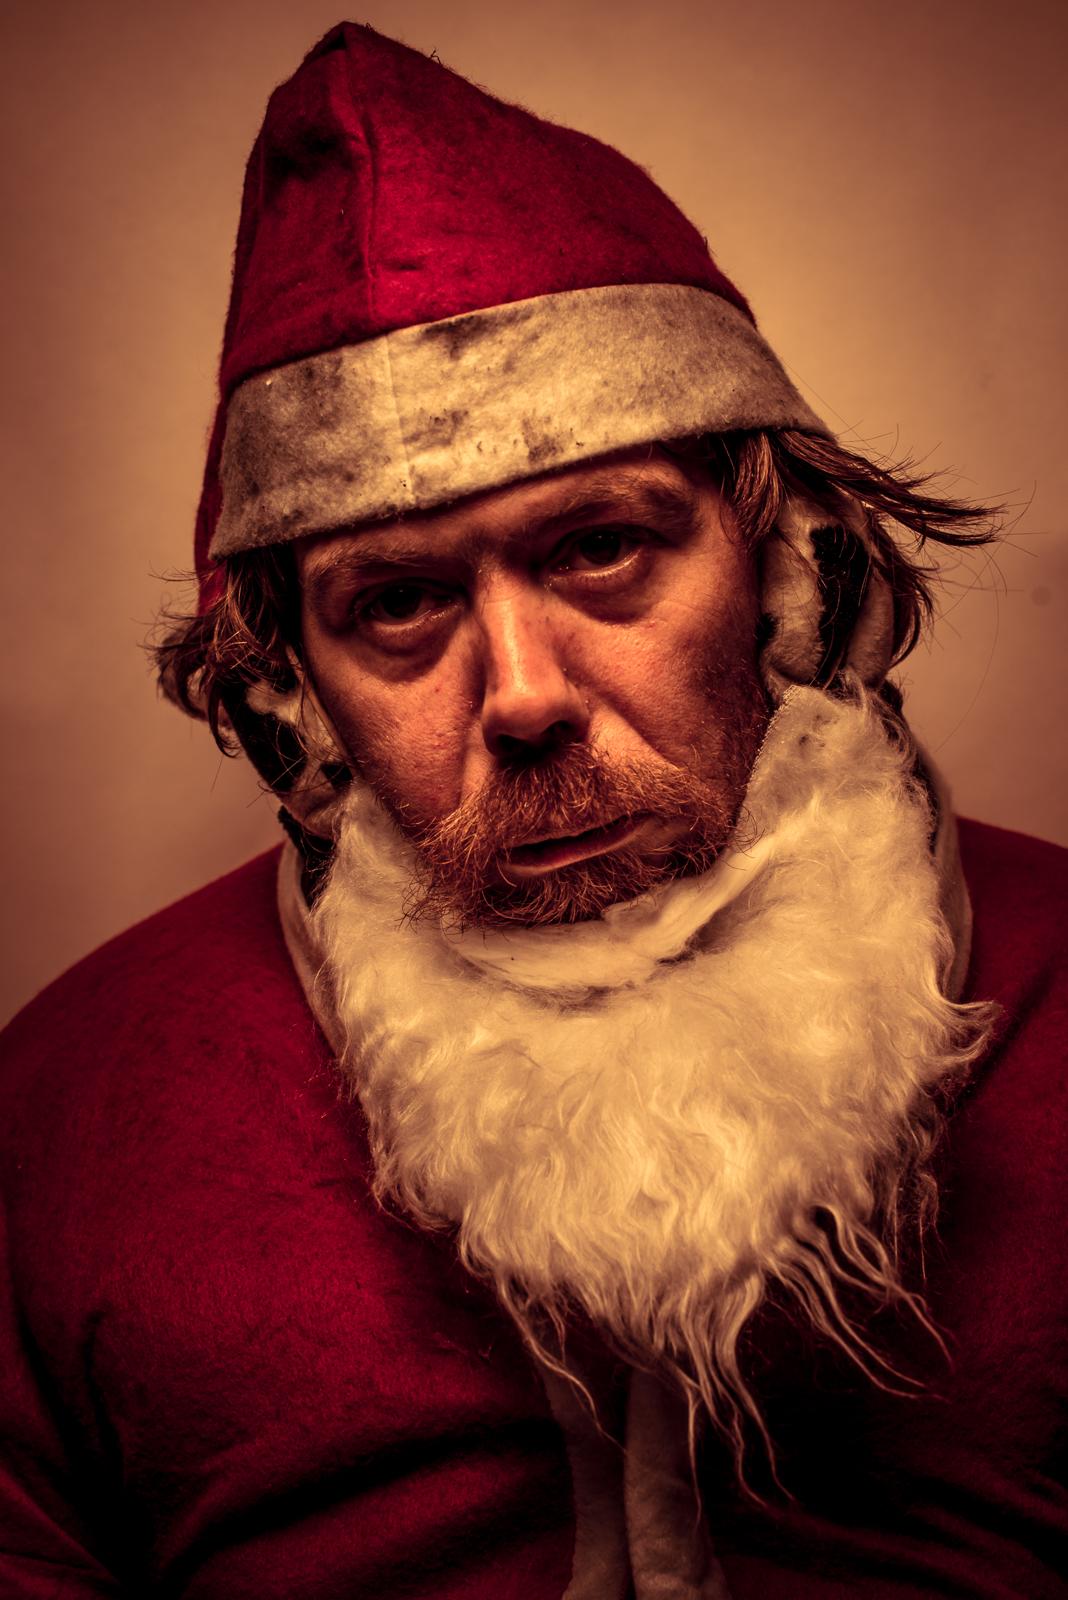 Portrait Photographer Portrait Photography London Slater King